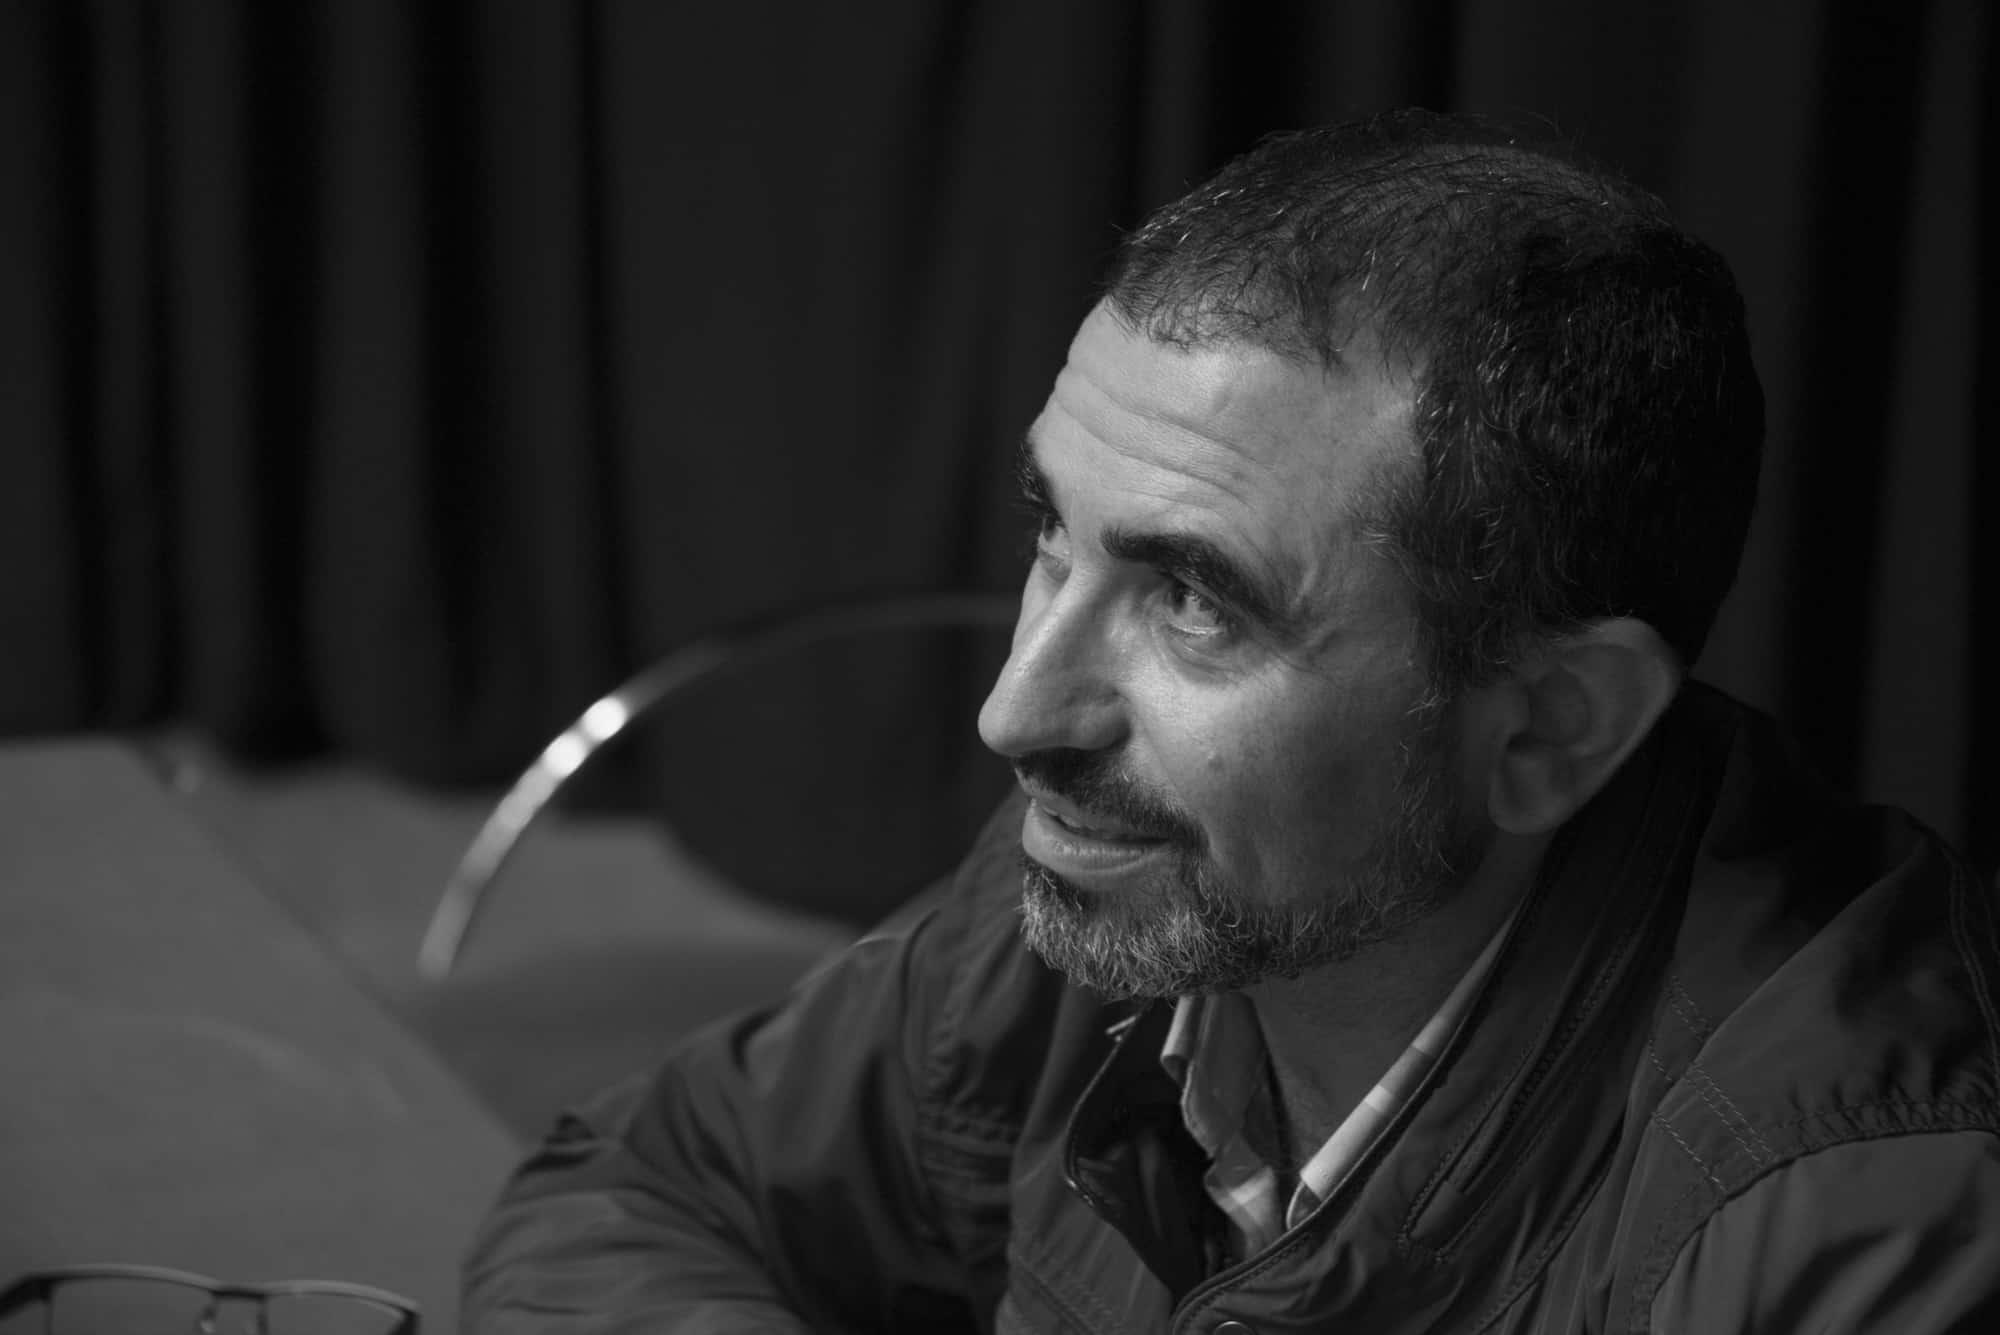 José Manul de la Huerga